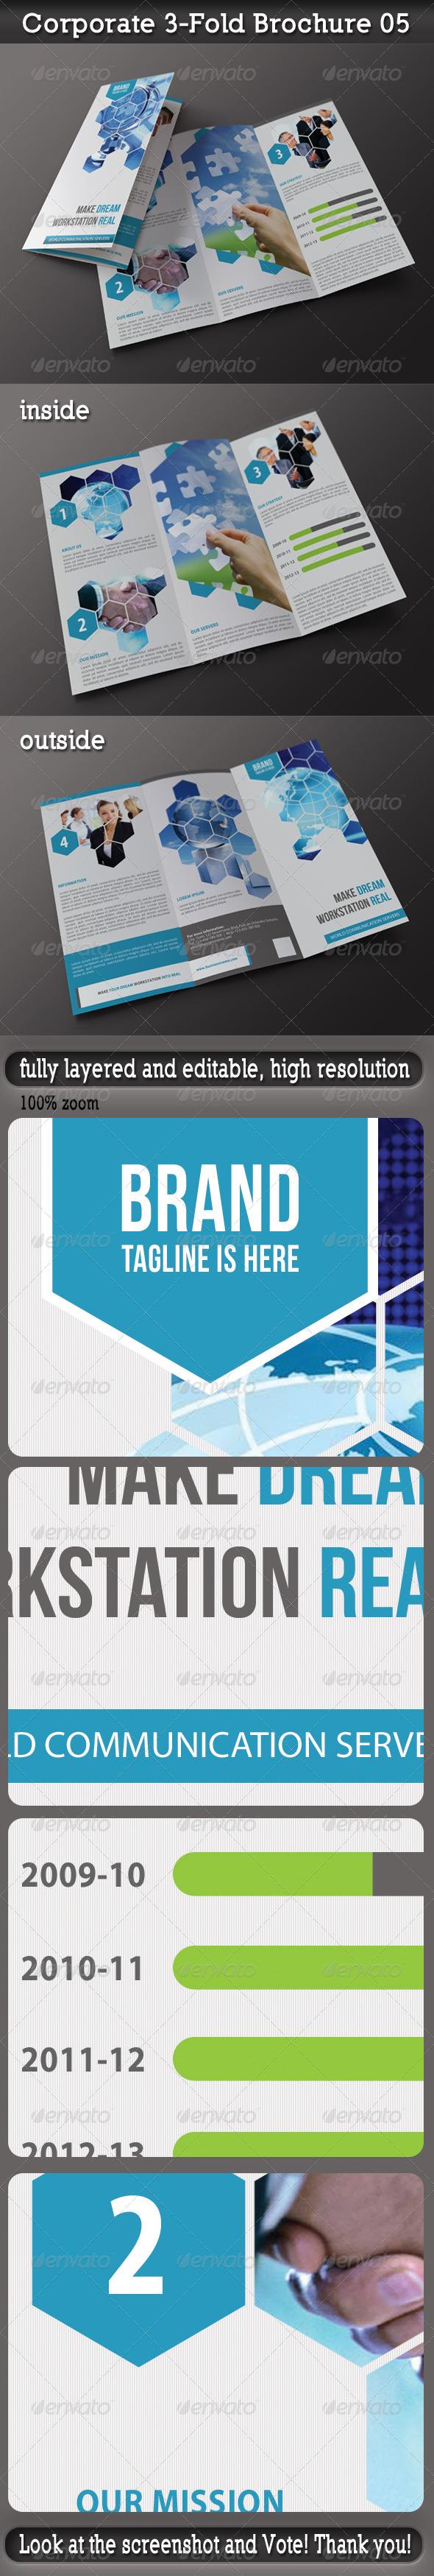 Corporate 3-Fold Brochure 05 - Corporate Brochures